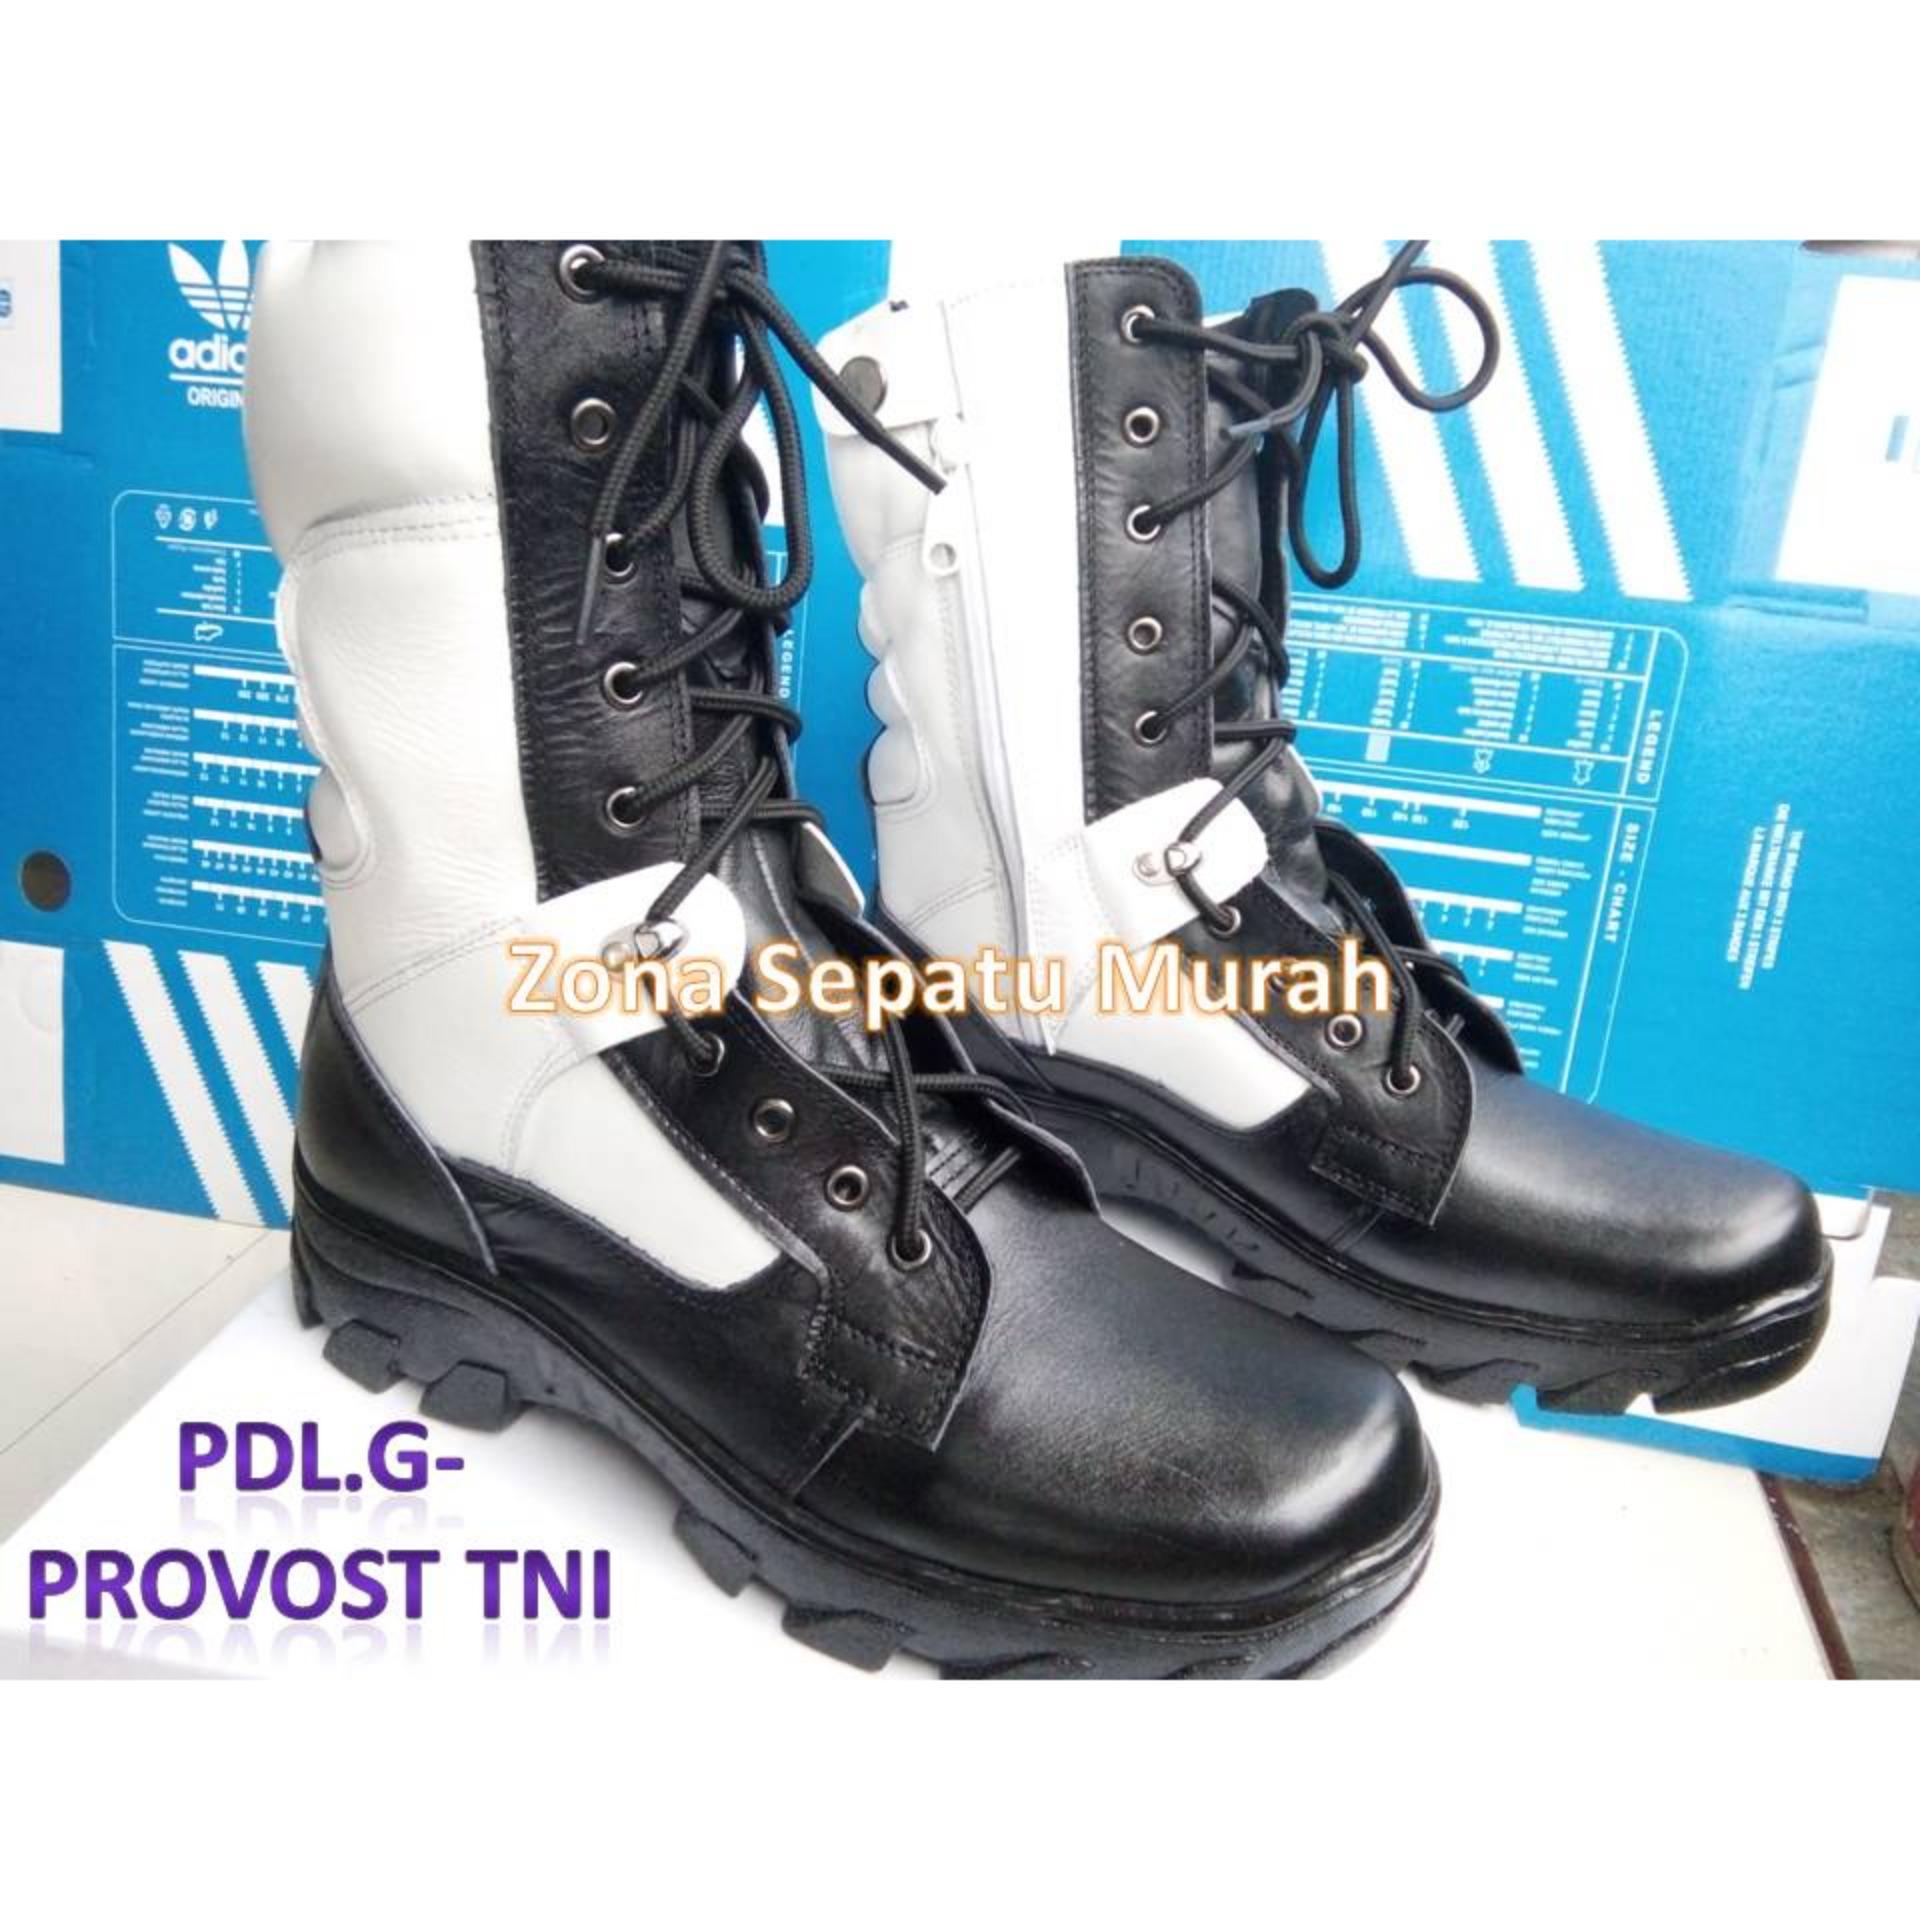 Online Murah Sepatu Pdl Provost Tni Polisi Militer Standar Polri Security Ter Model Terbaru Harga Promo